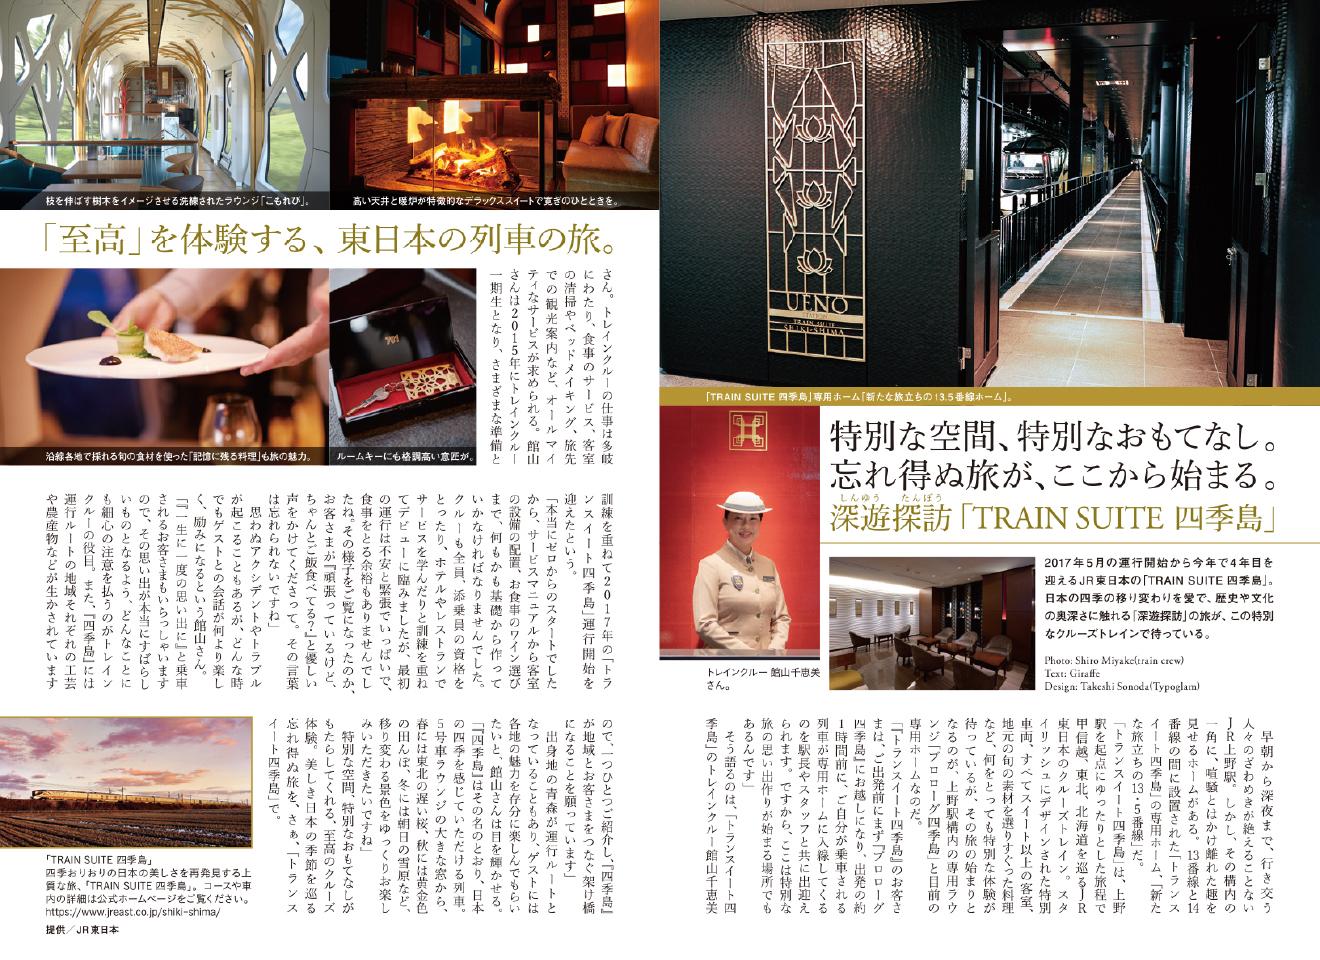 月刊文春×Train Suite 四季島 TU広告